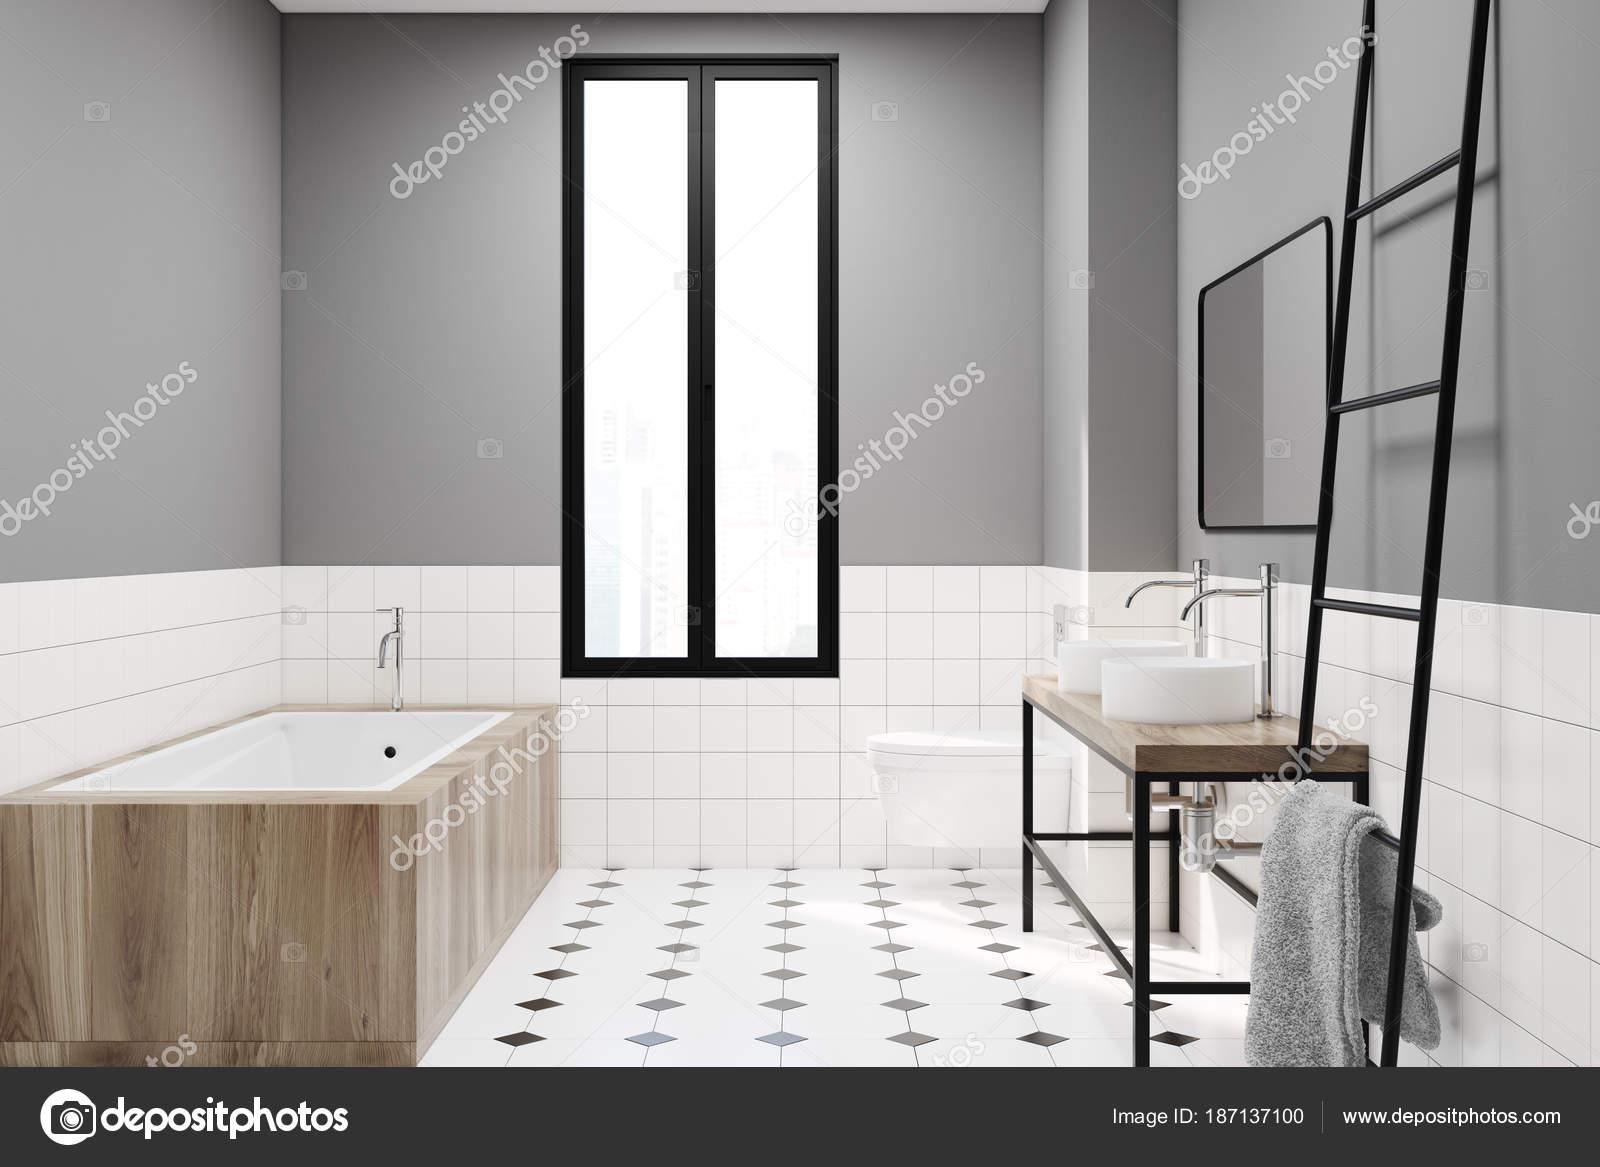 Idée de décoration moderne salle de bains gris ...